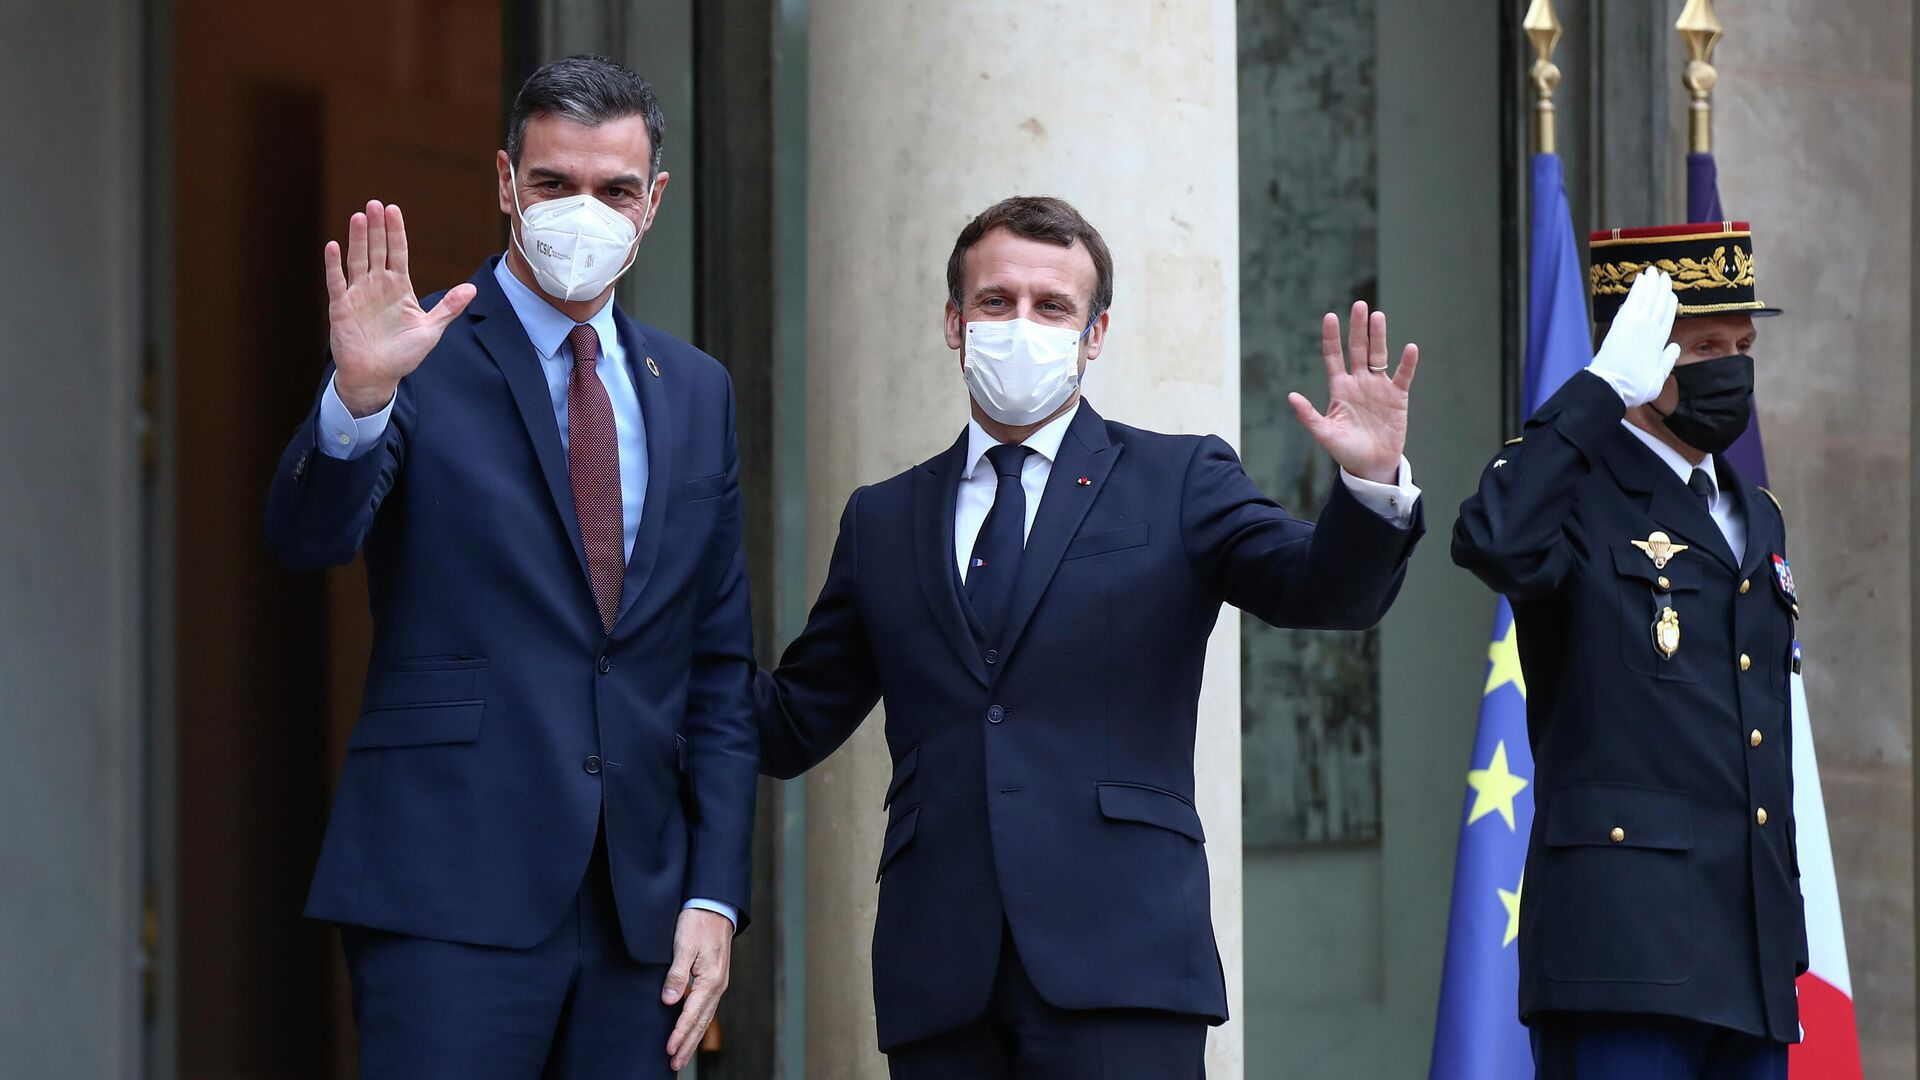 El presidente del Gobierno español, Pedro Sánchez, y e presidente de Francia, Emmanuel Macron - Sputnik Mundo, 1920, 09.03.2021